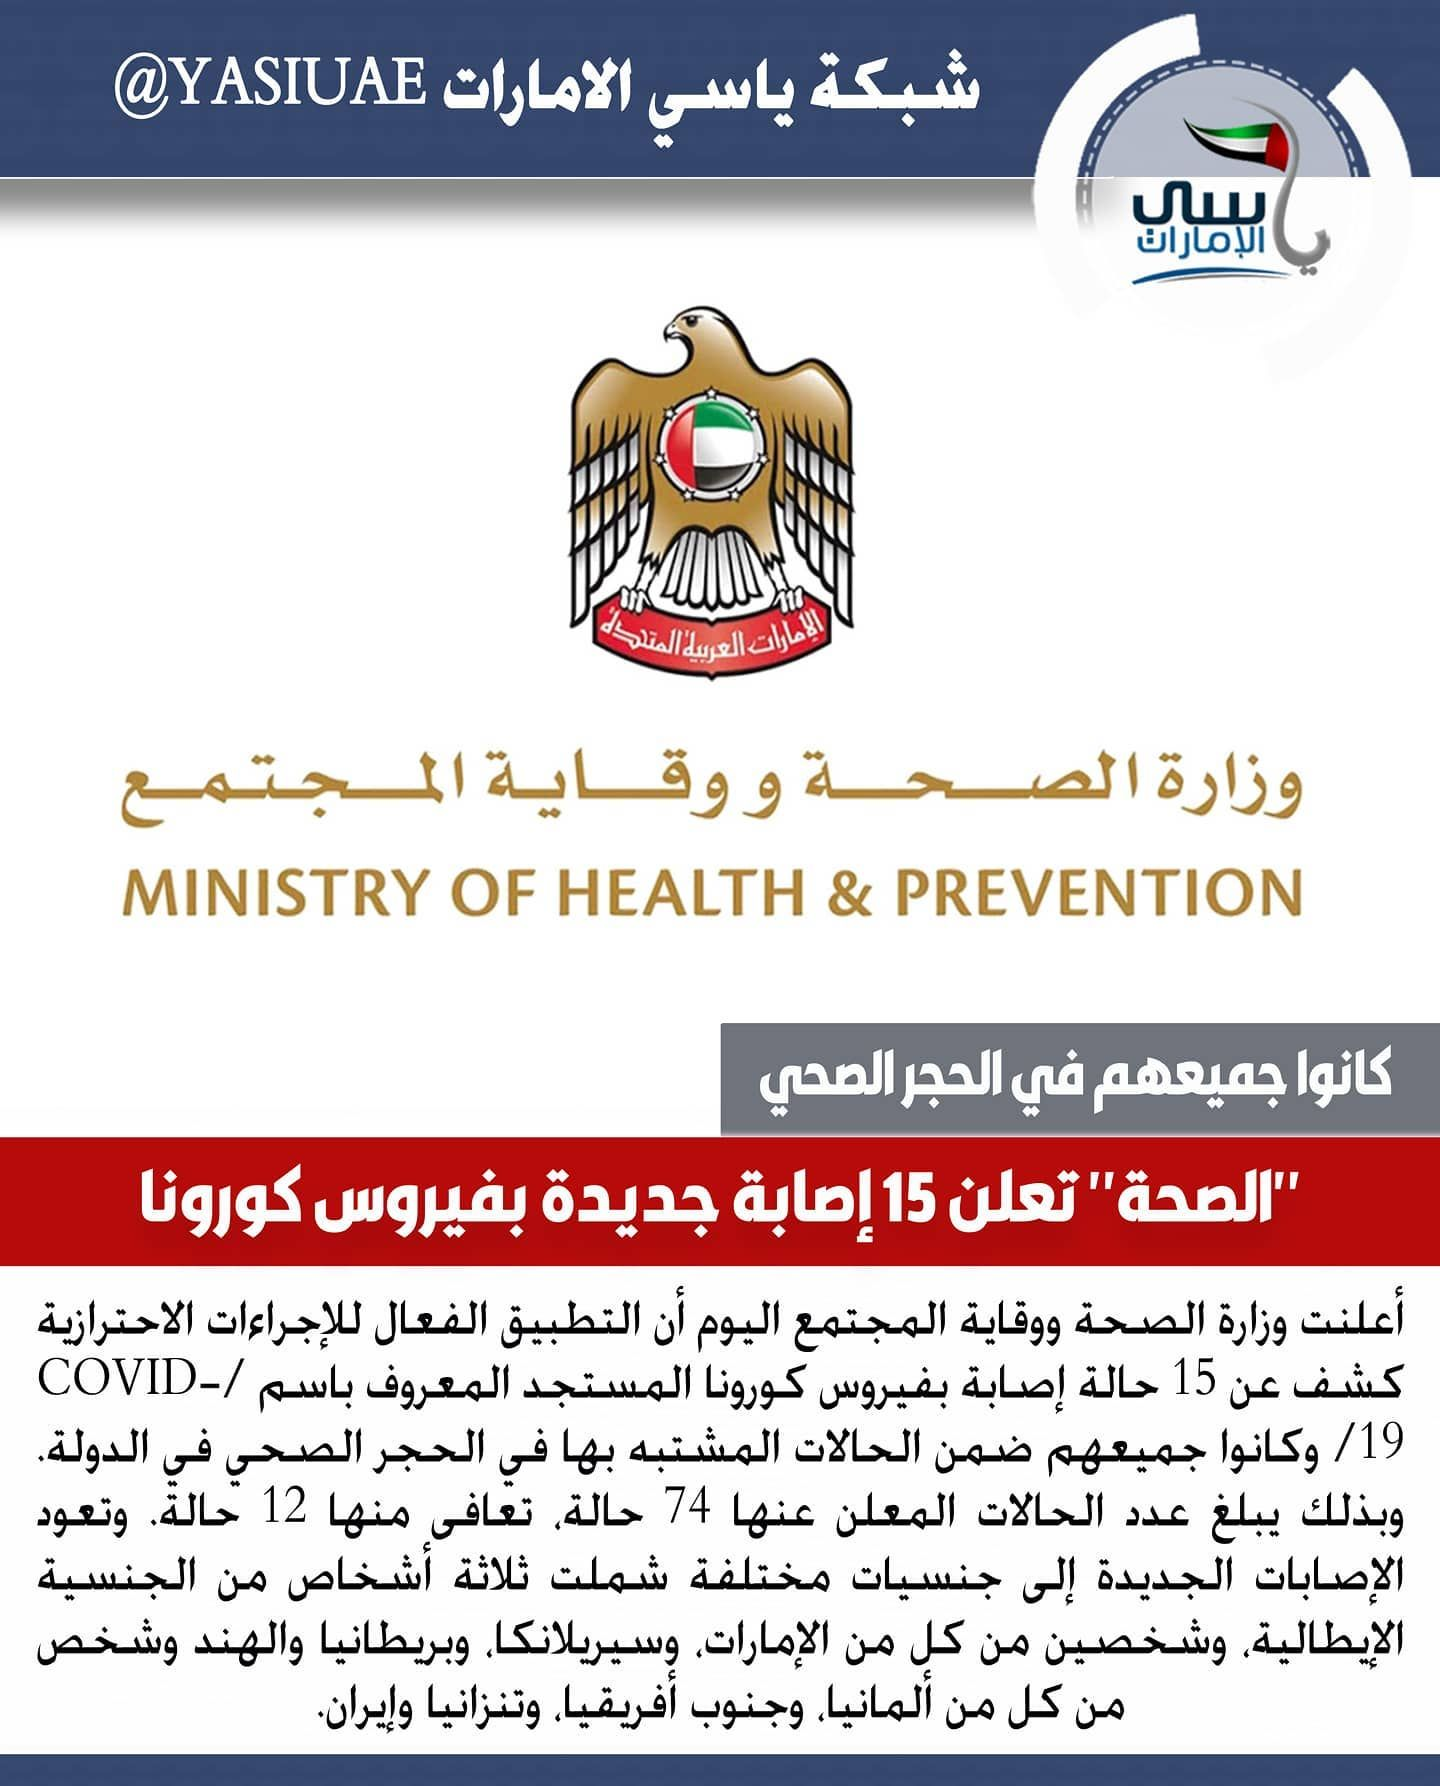 ياسي الامارات الصحة تعلن 15 إصابة جديدة بفيروس كورونا شبكة ياسي الامارات شبكة ياسي الامارات الاخباري ابوظبي دبي In 2020 Prevention Health Pandora Screenshot